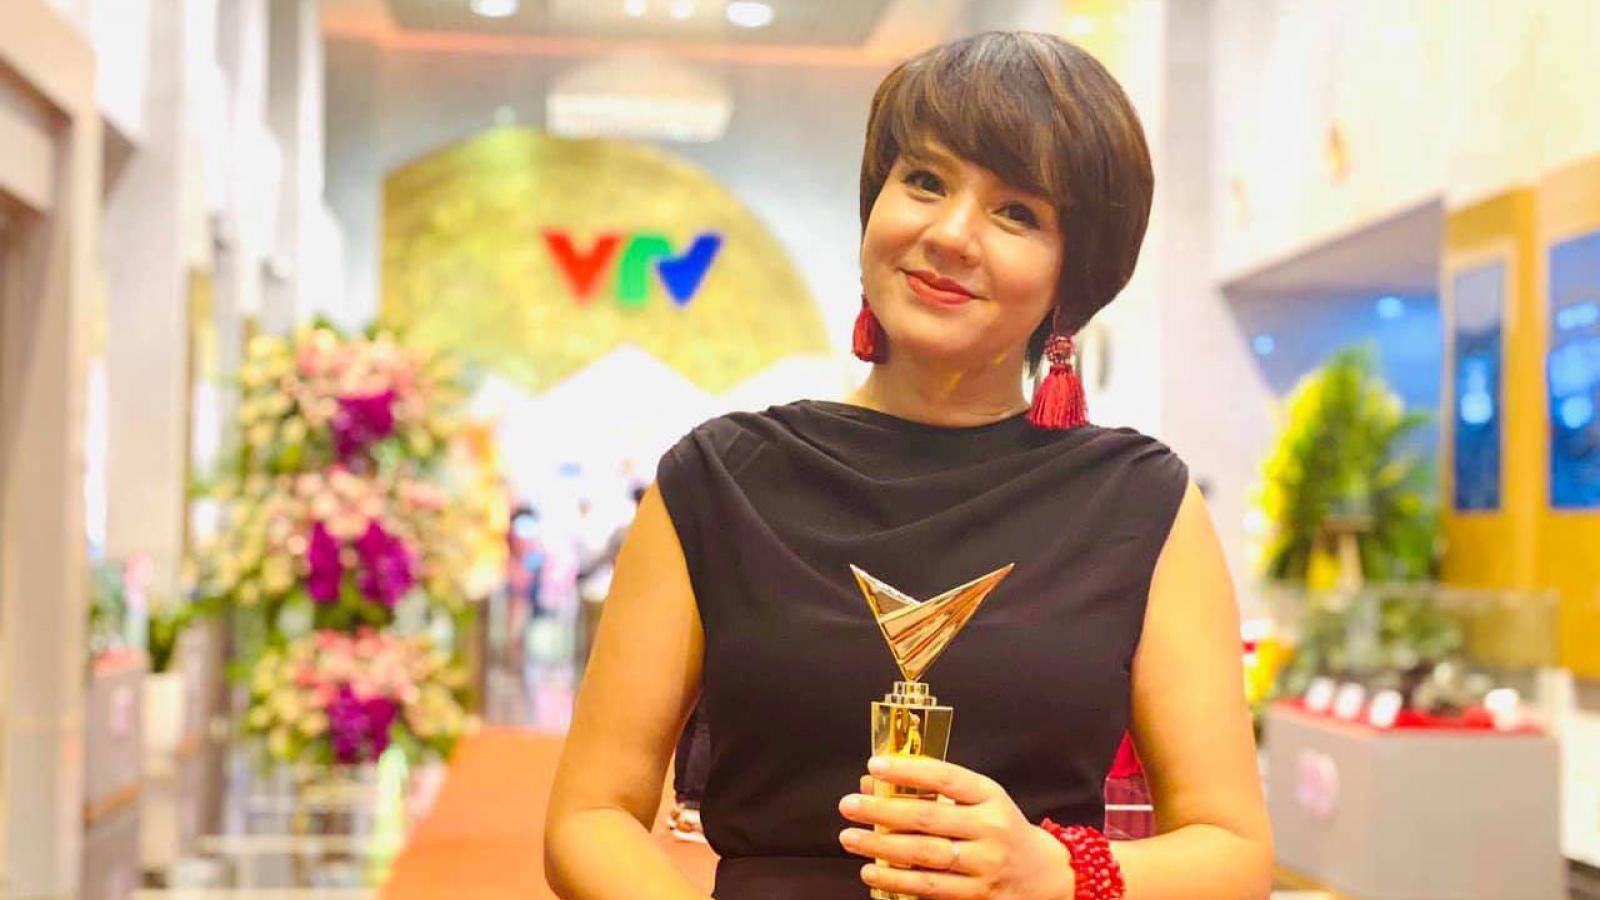 Nhà báo Diễm Quỳnh được bổ nhiệm làm Giám đốc Trung tâm Sản xuất phim truyền hình (VFC)